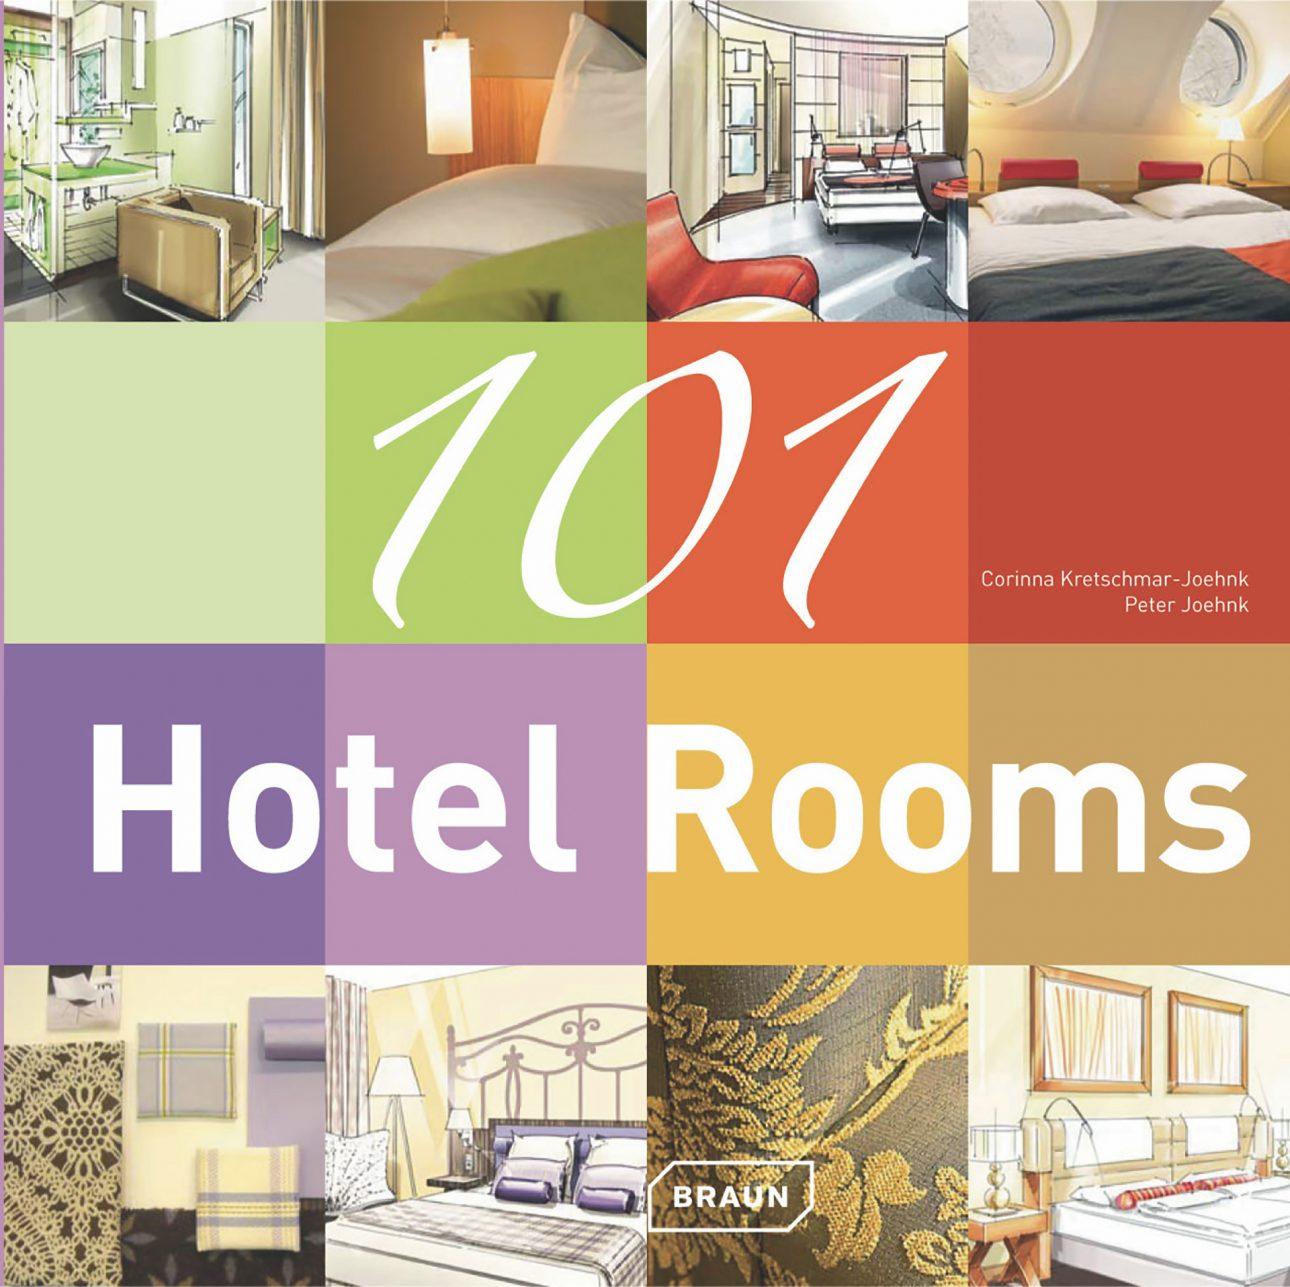 Buch 101 Hotel Rooms von Corinna Kretschmar-Joehnk und Peter Joehnk von JOI-Design